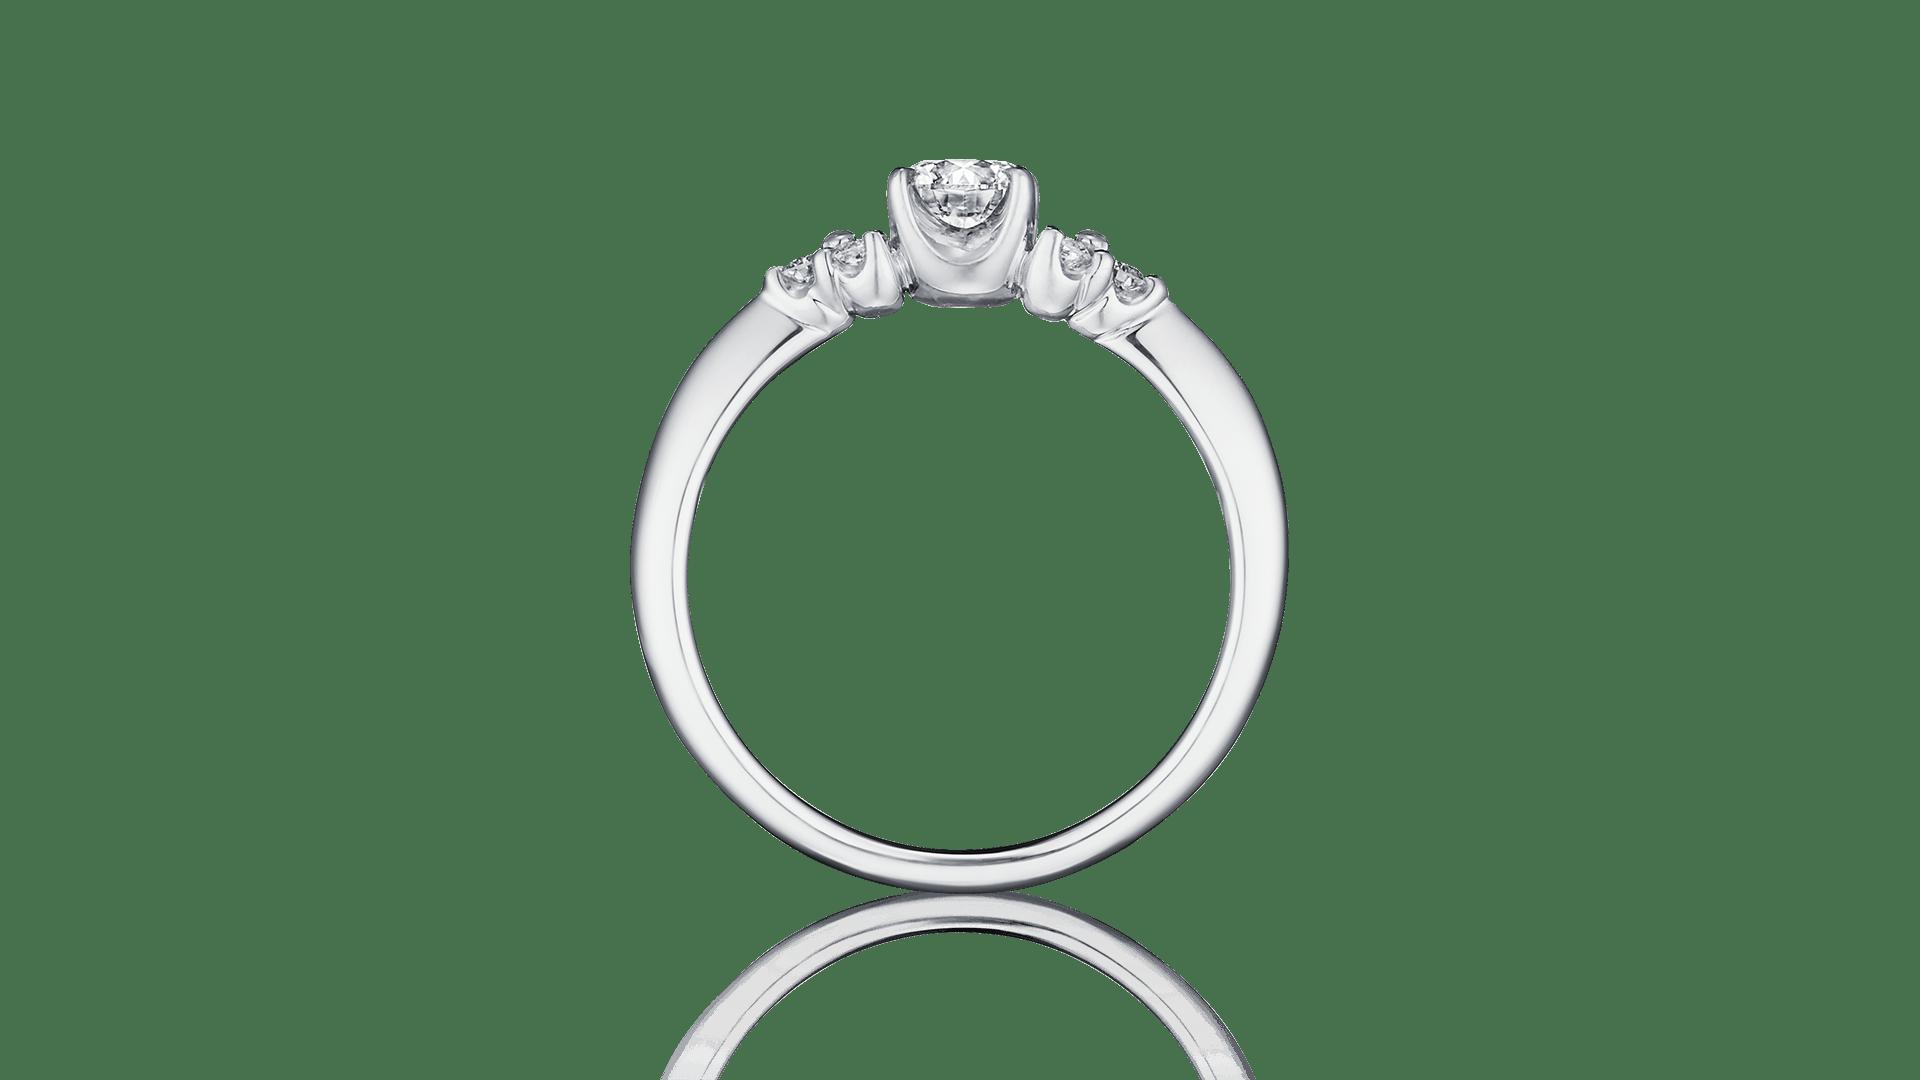 alcyone アルキオーネ | 婚約指輪サムネイル 2